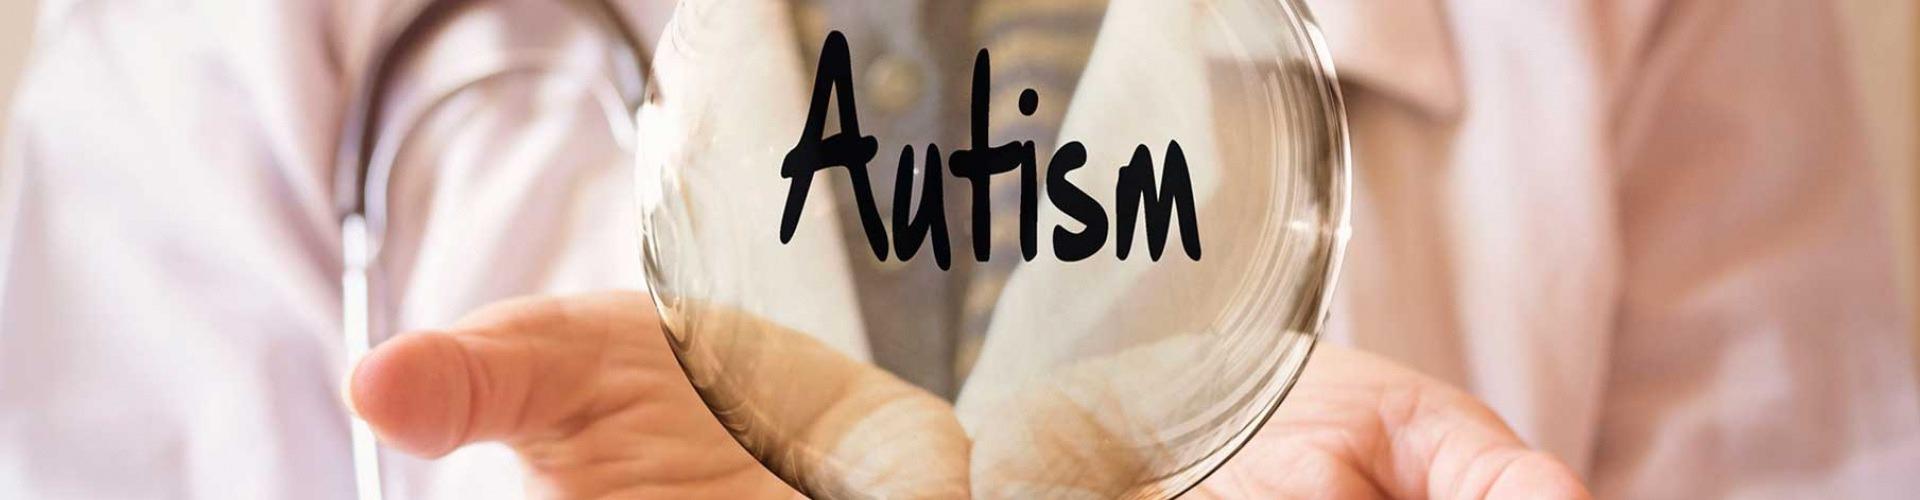 Beszéljünk az autizmusról!